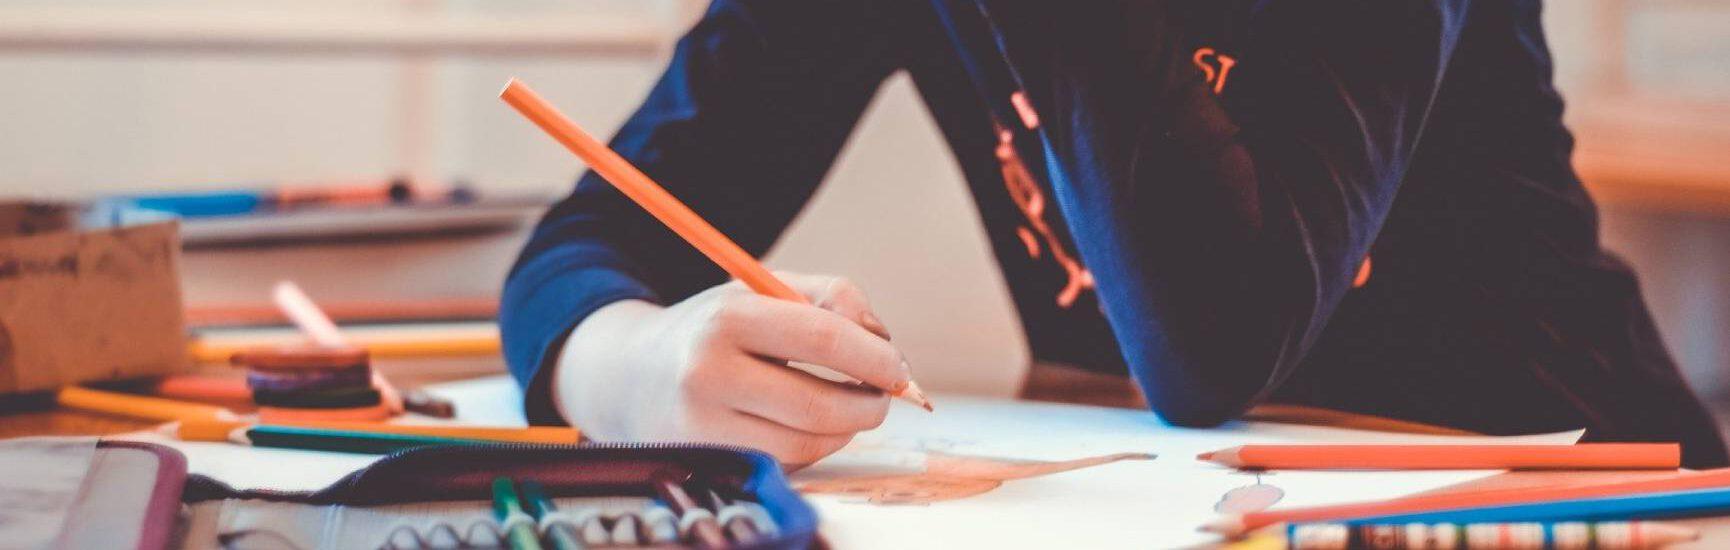 Powrót do szkoły po okresie pandemii i nauczania zdalnego- podpowiedzi